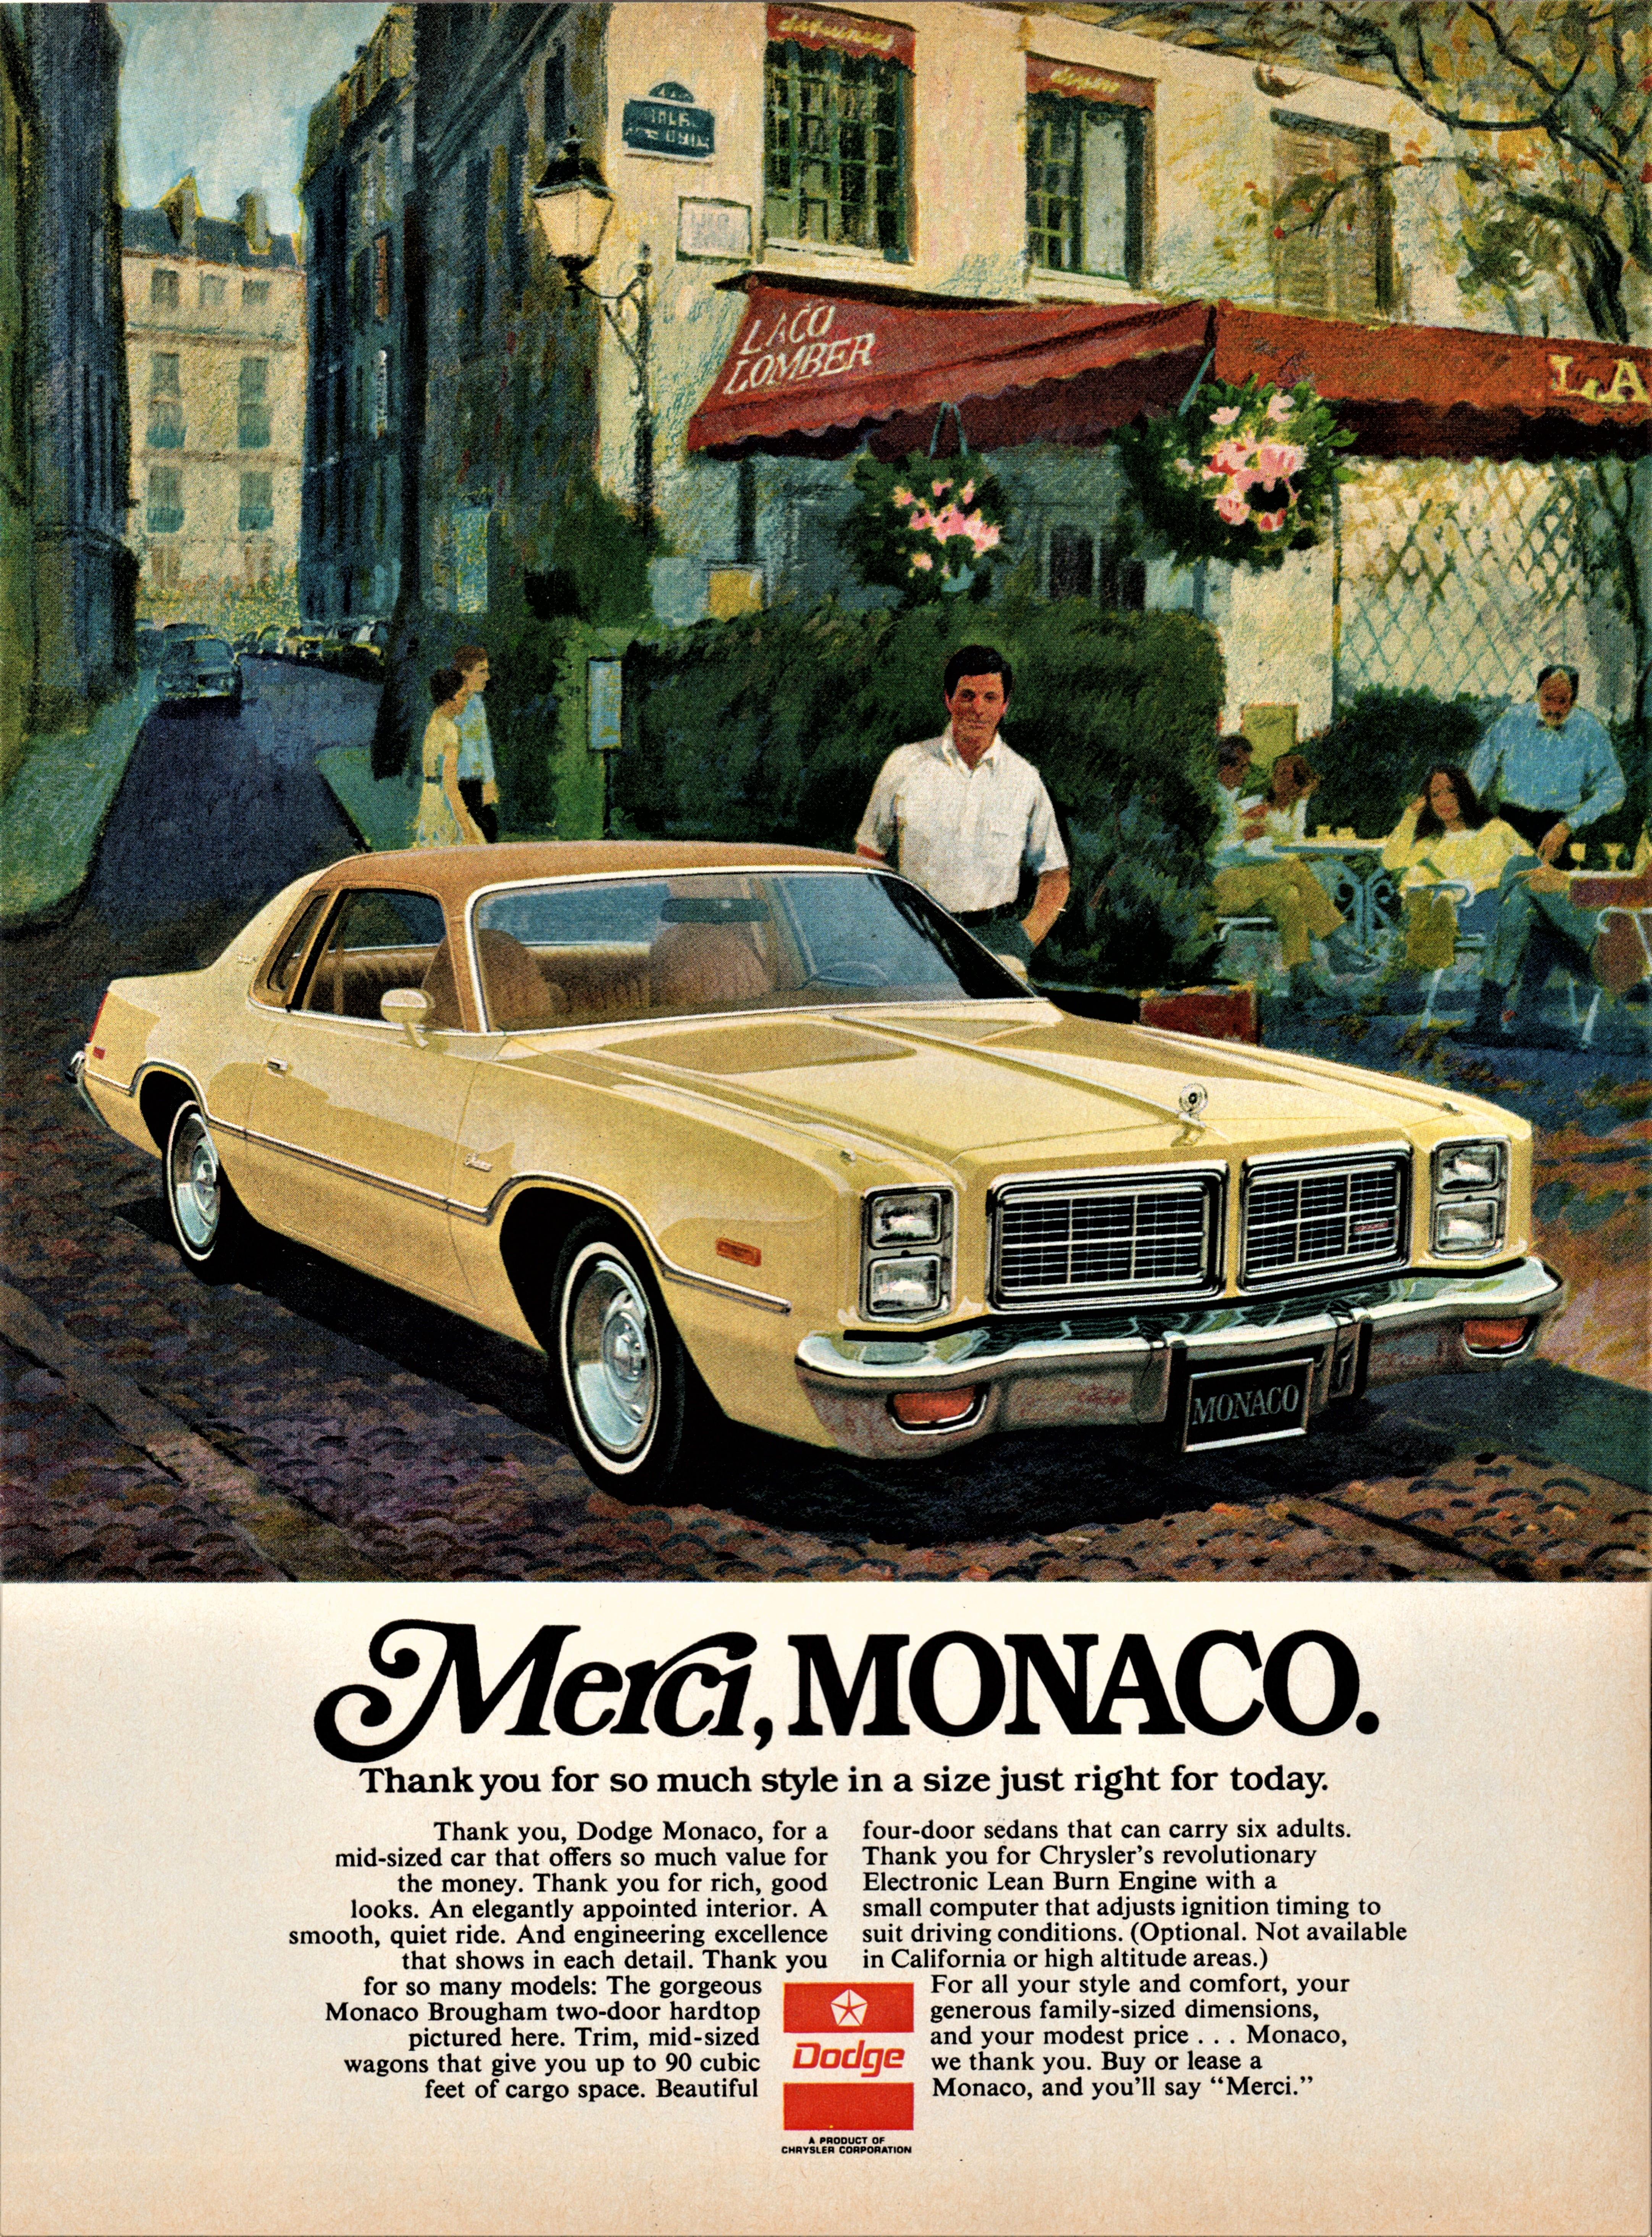 1977 Dodge Monaco Brougham Two-Door Hardtop